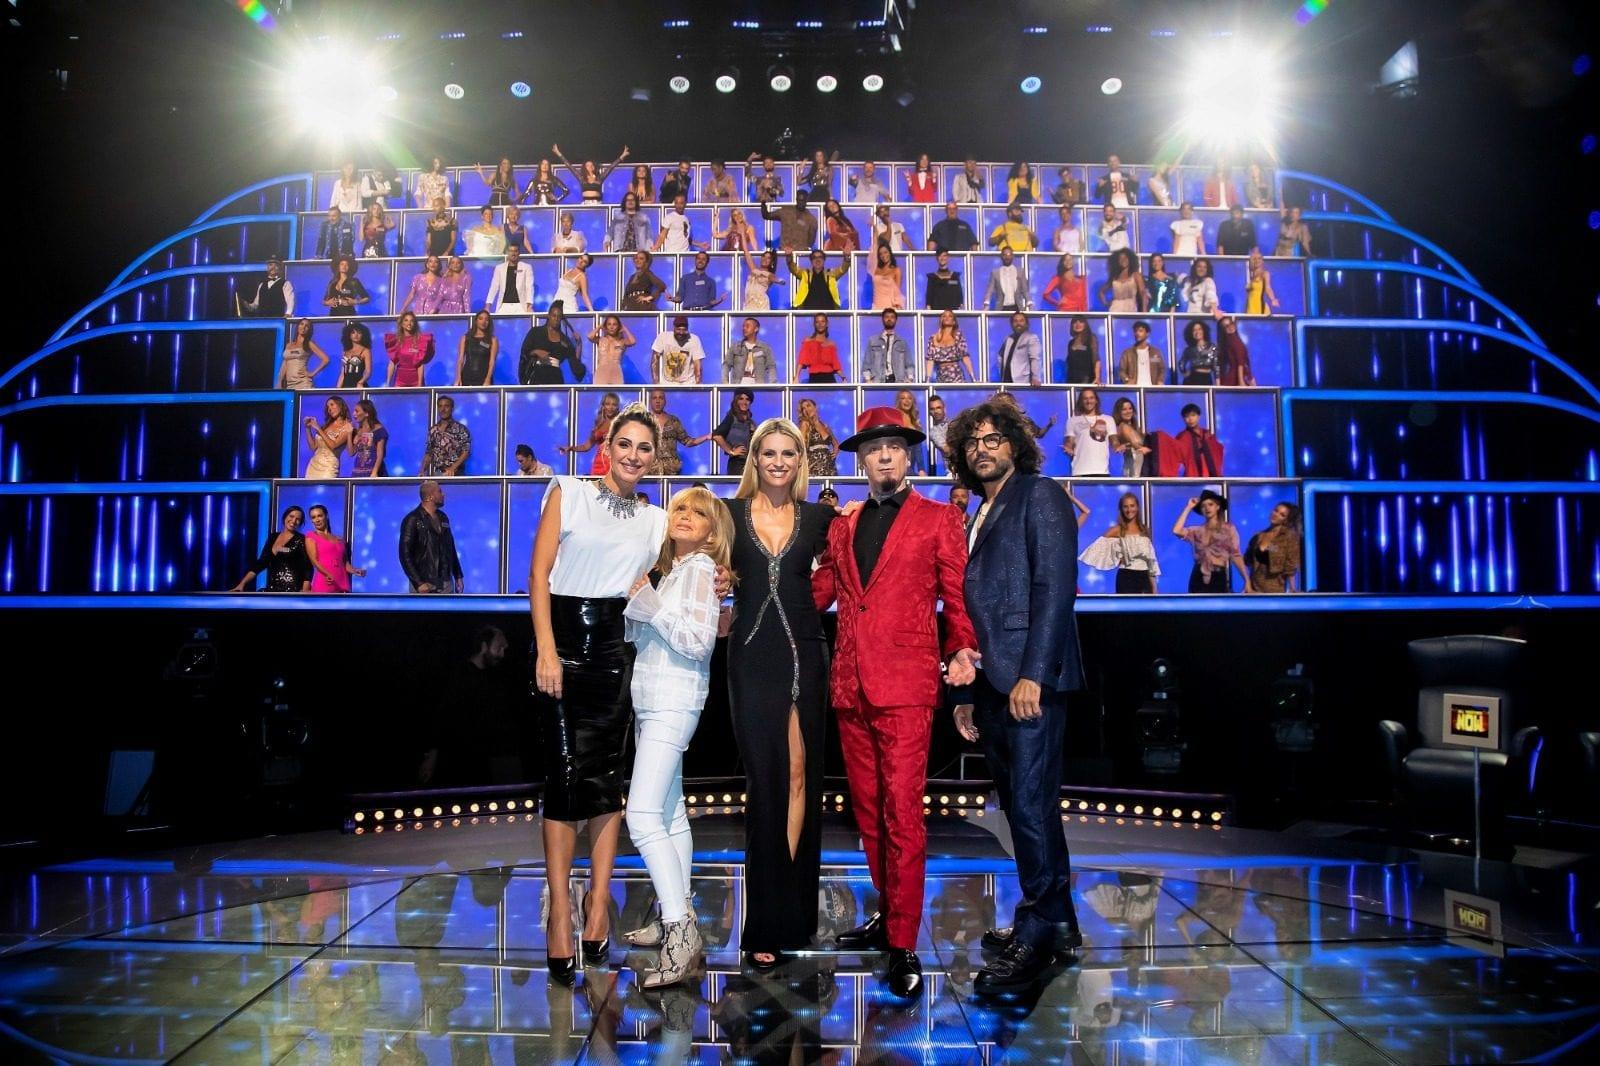 Live 4 novembre 2020 · All Together Now 2020 prima puntata. Parte la gara canora condotta da Michelle Hunziker, in prima serata su Canale5